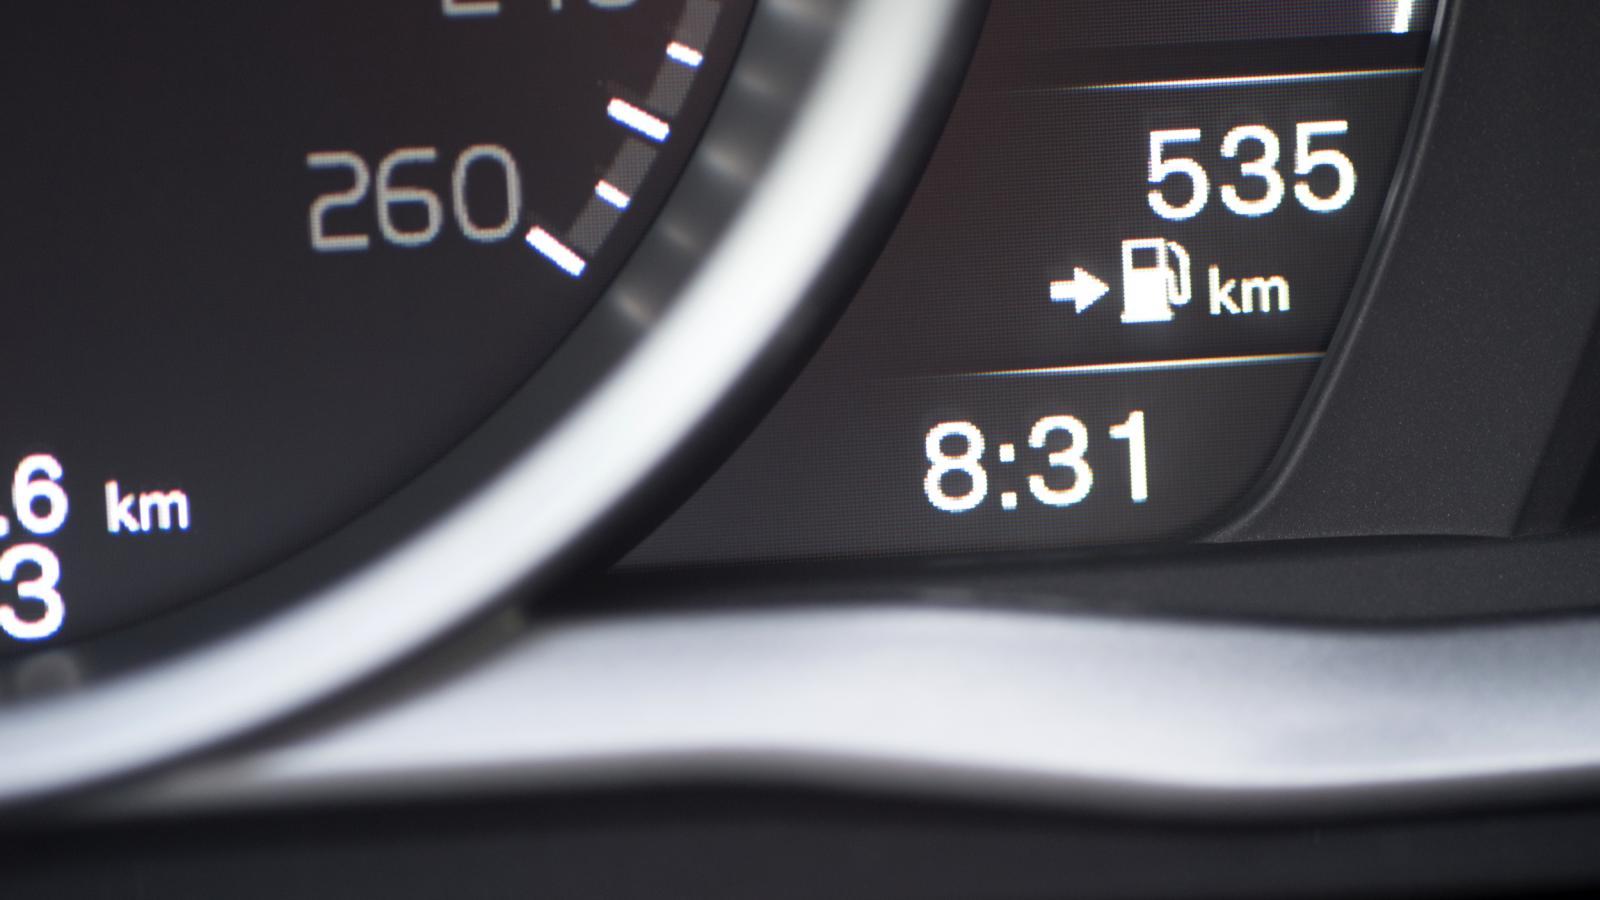 Αυτονομία καυσίμου: Εμπιστεύεσαι το trip computer;